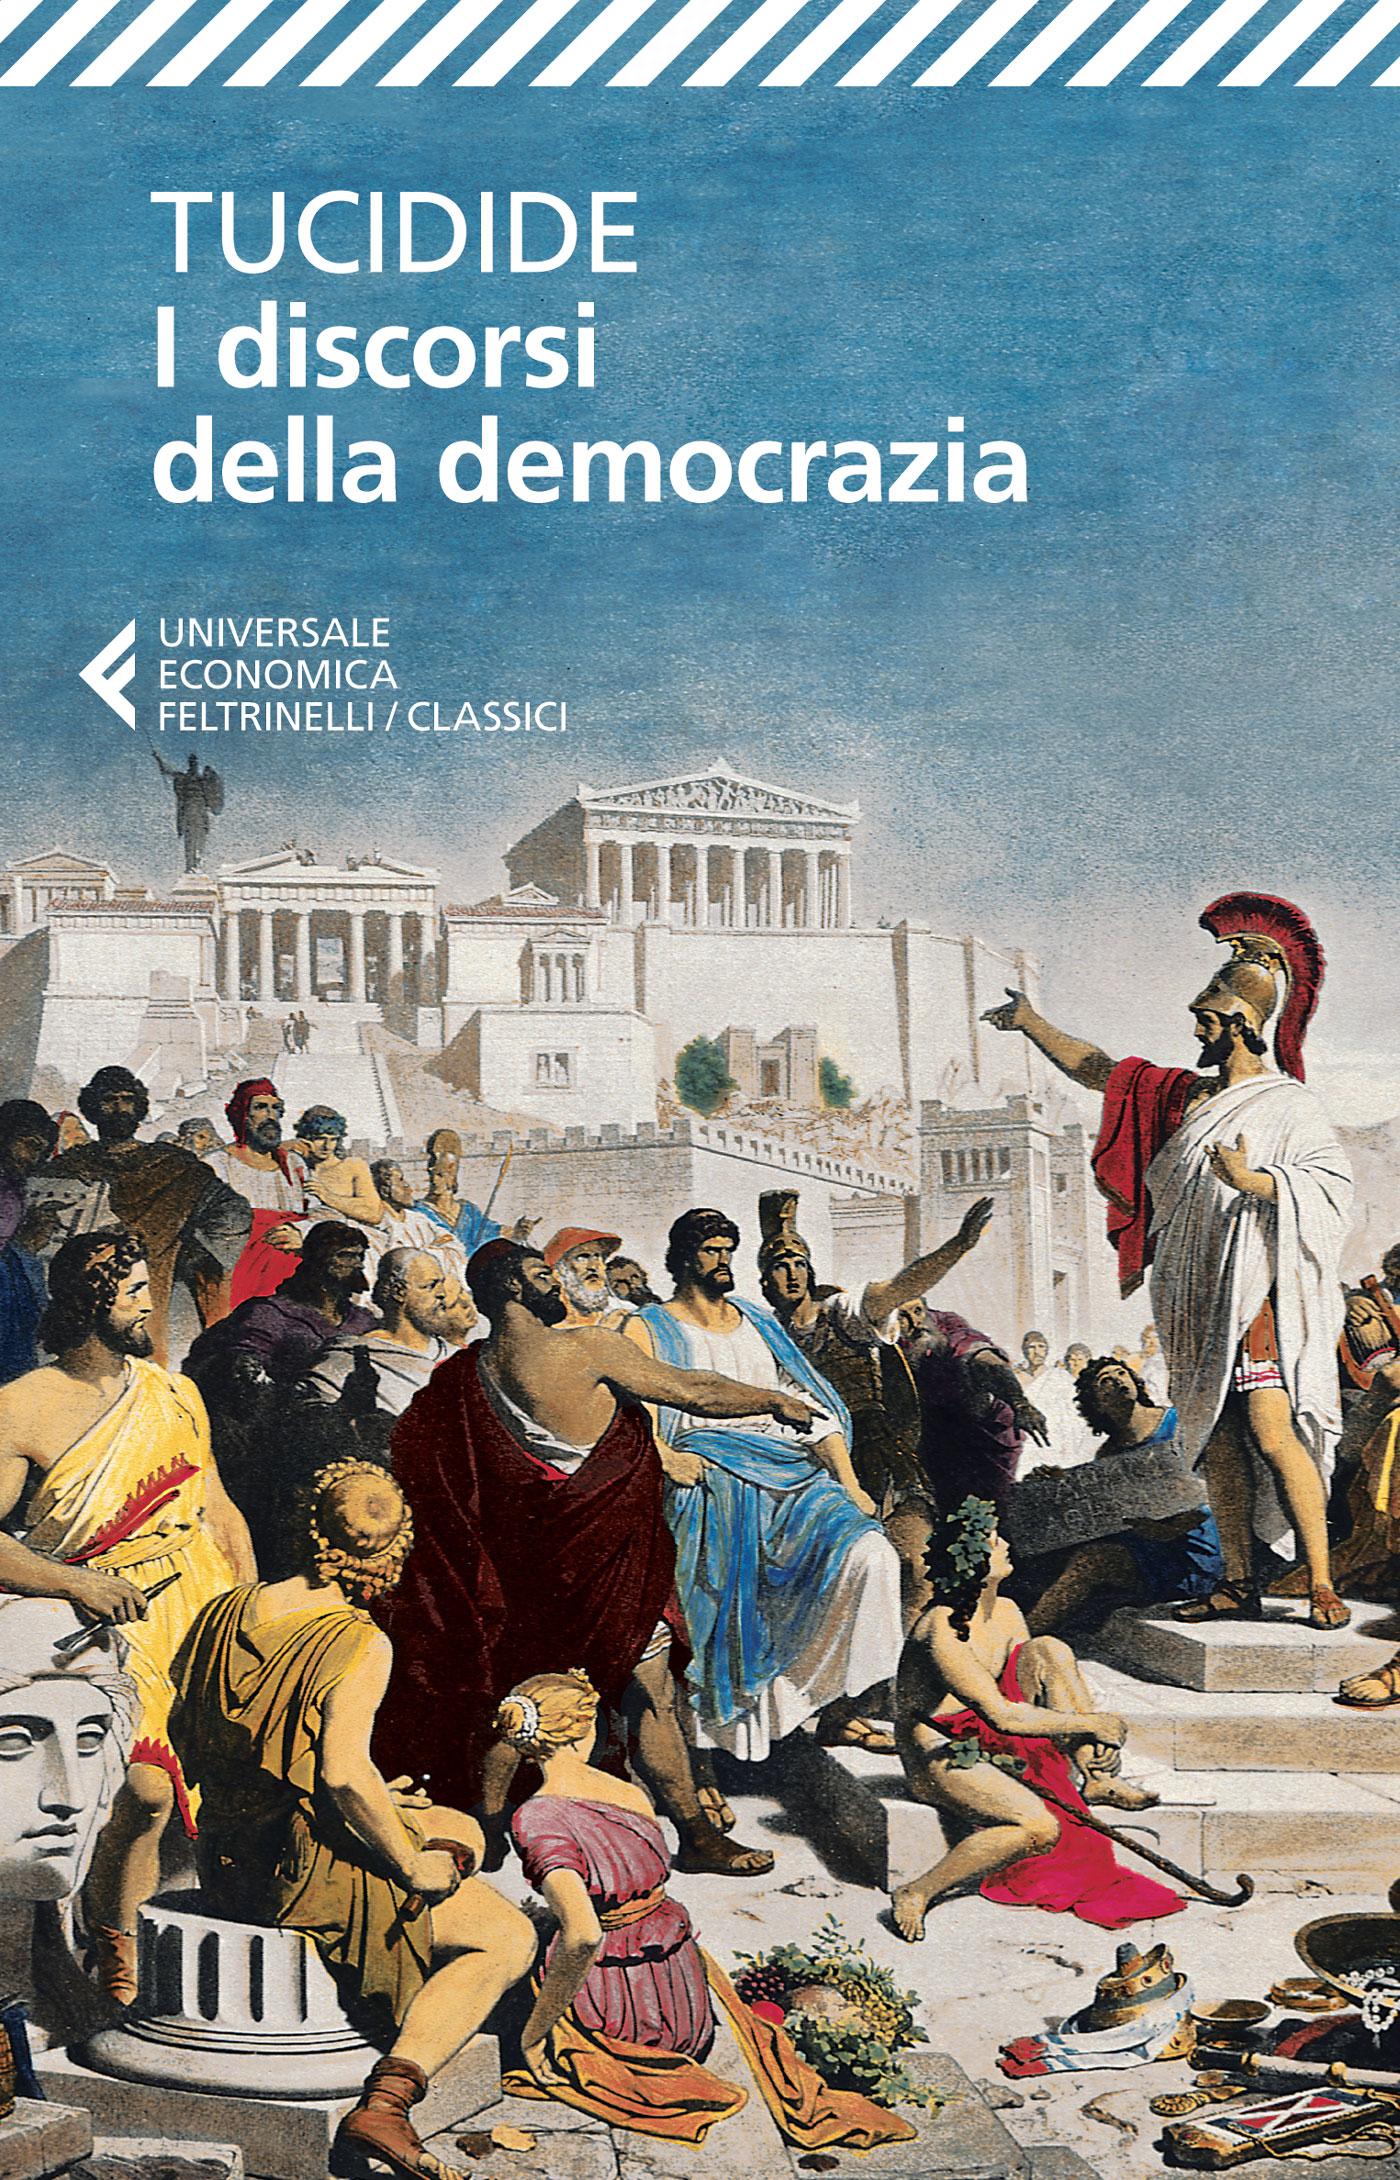 I discorsi della democrazia